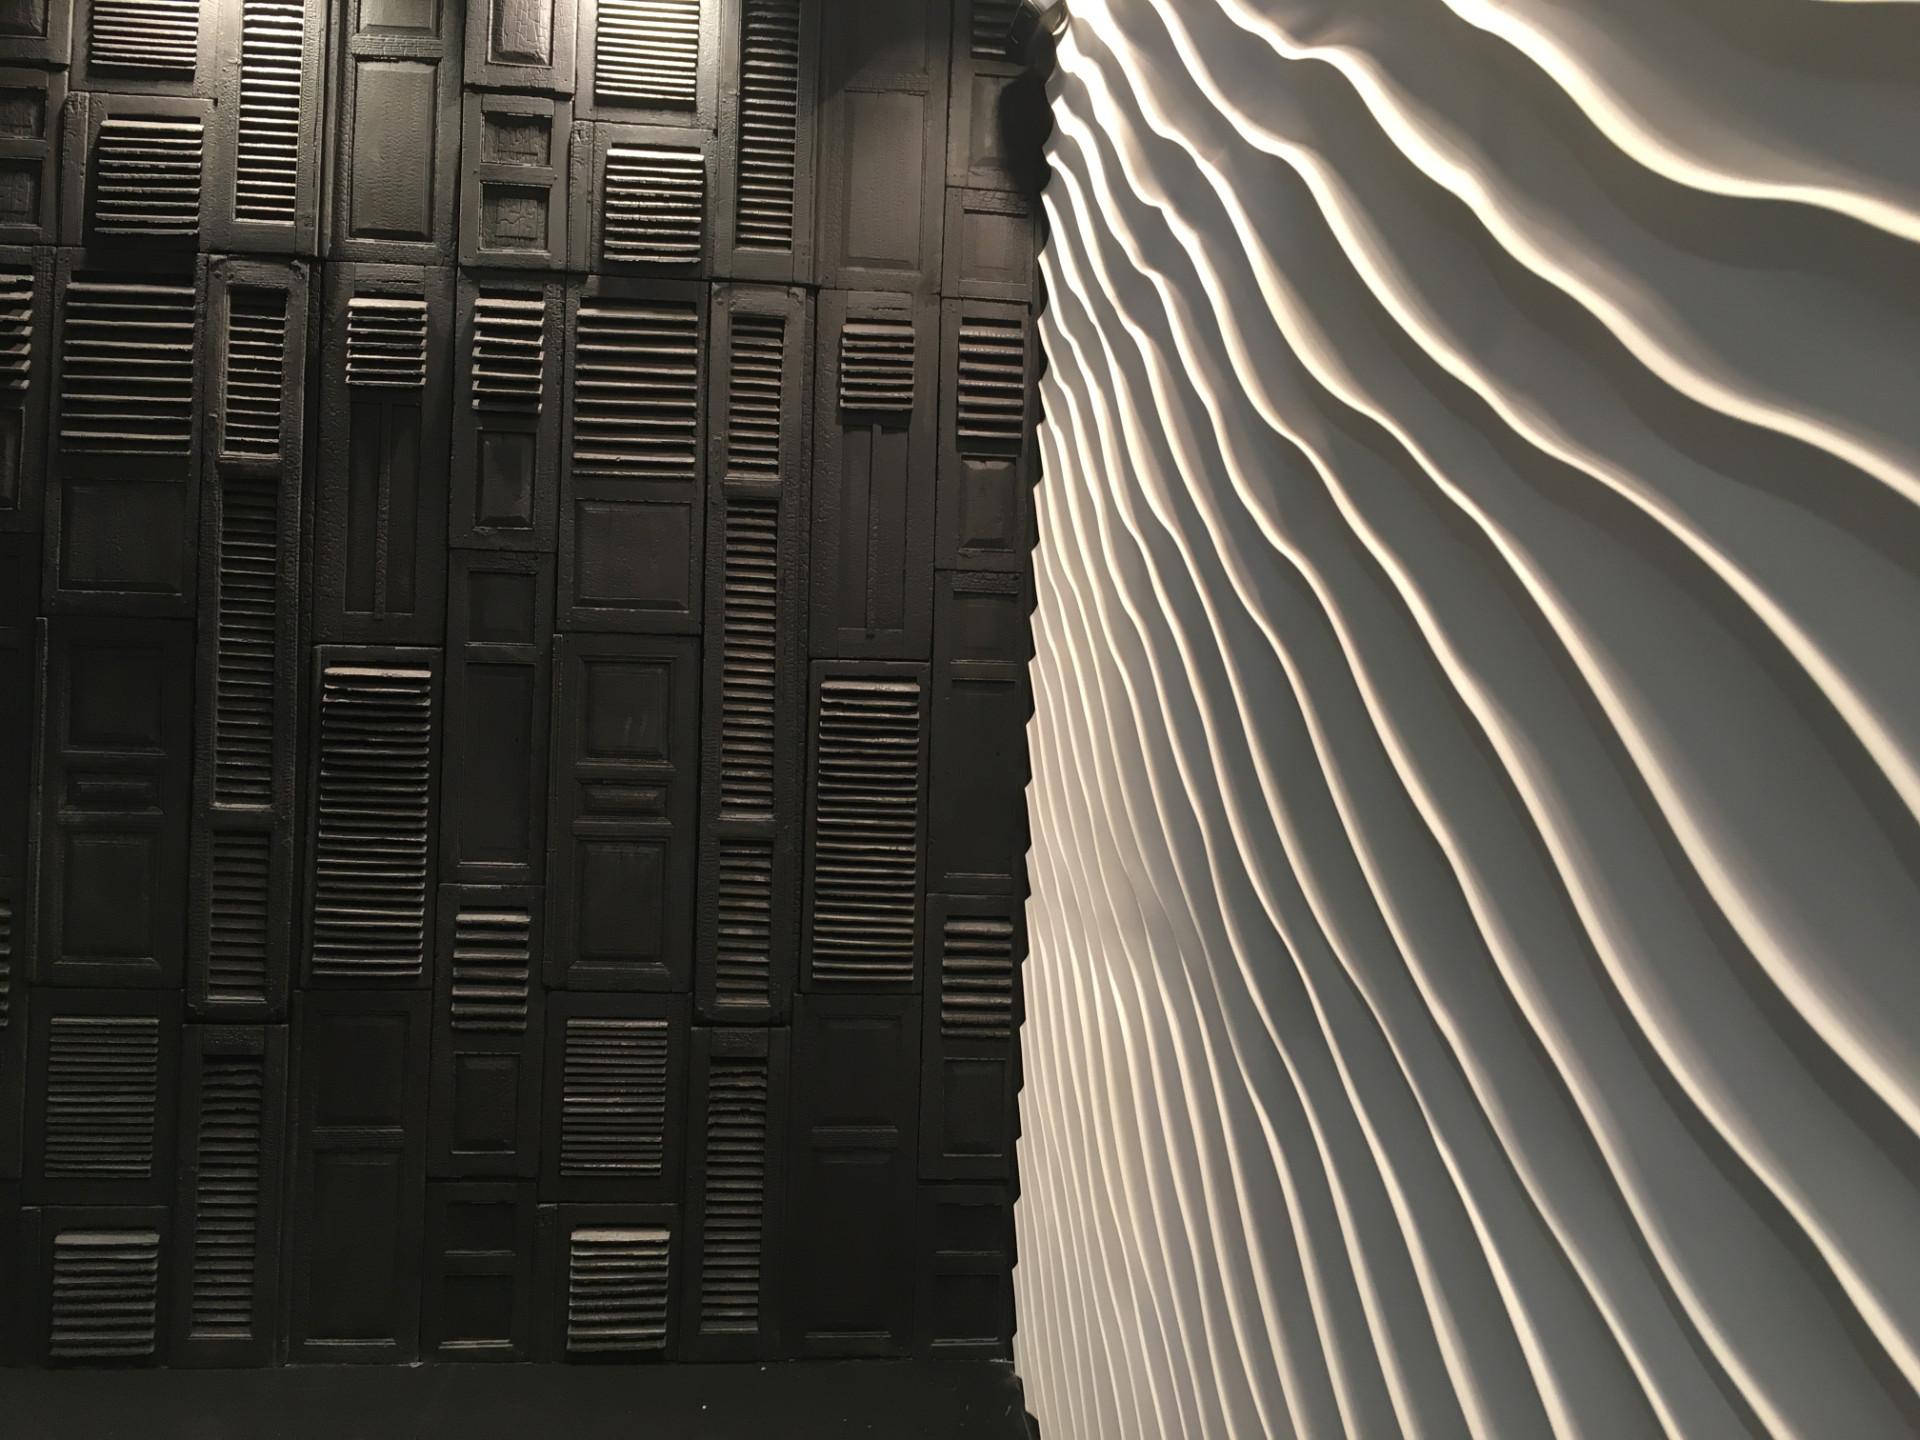 feria-internacional-ceramica-azulejo-bano-cevisama-2020-1